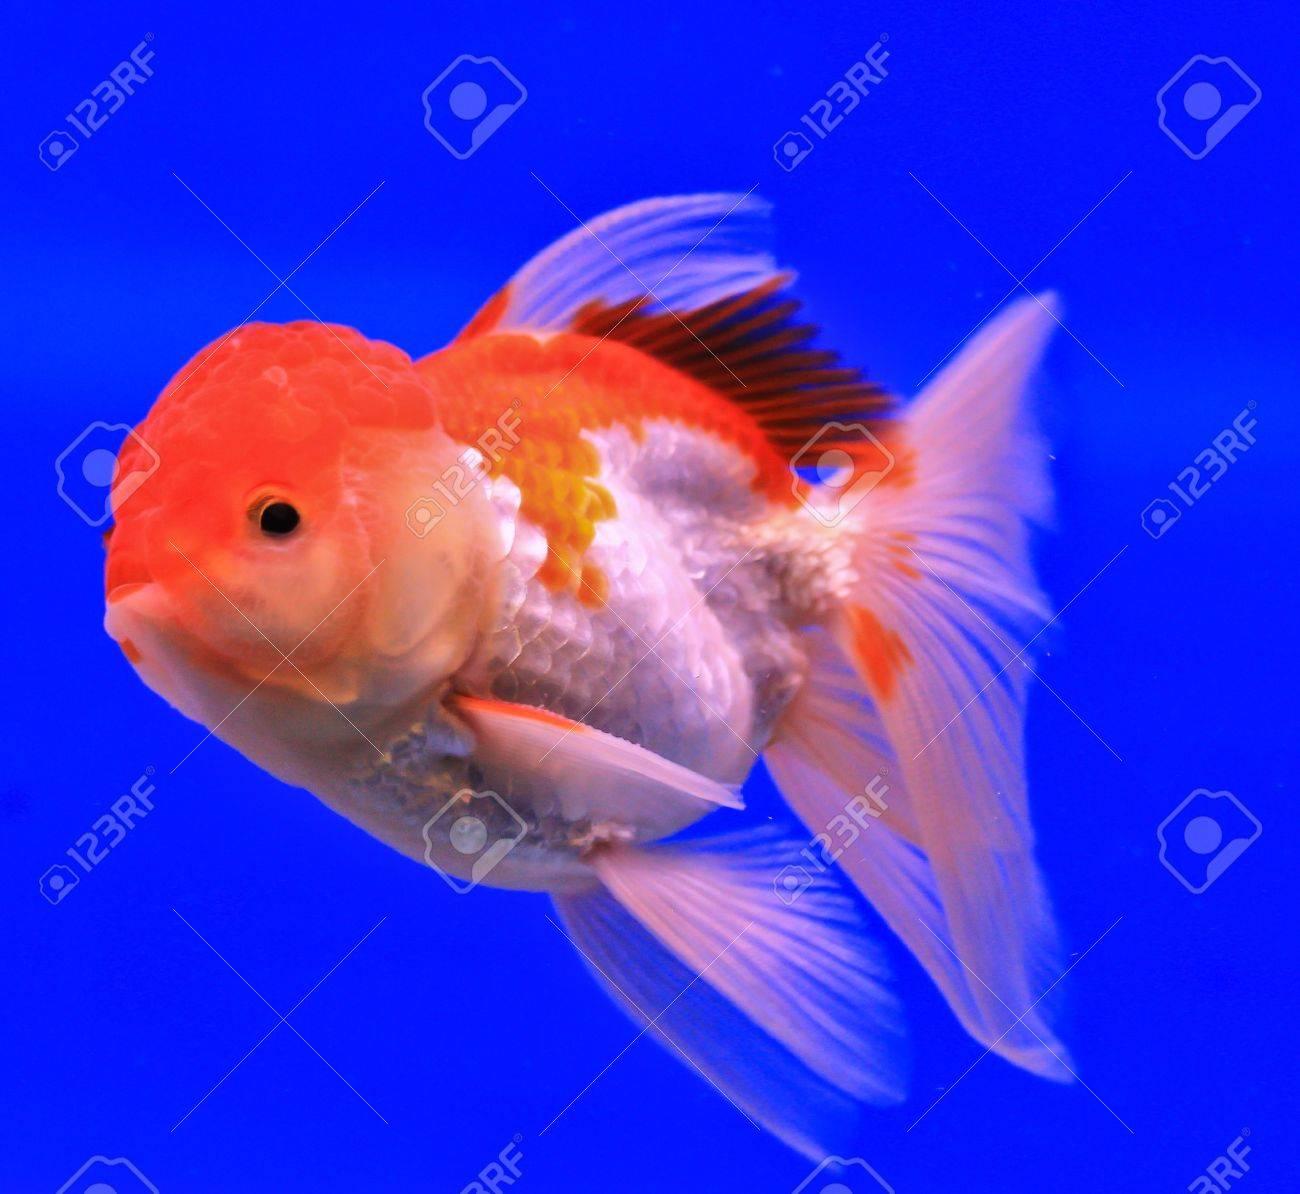 Fish in the aquarium glass Stock Photo - 13695466